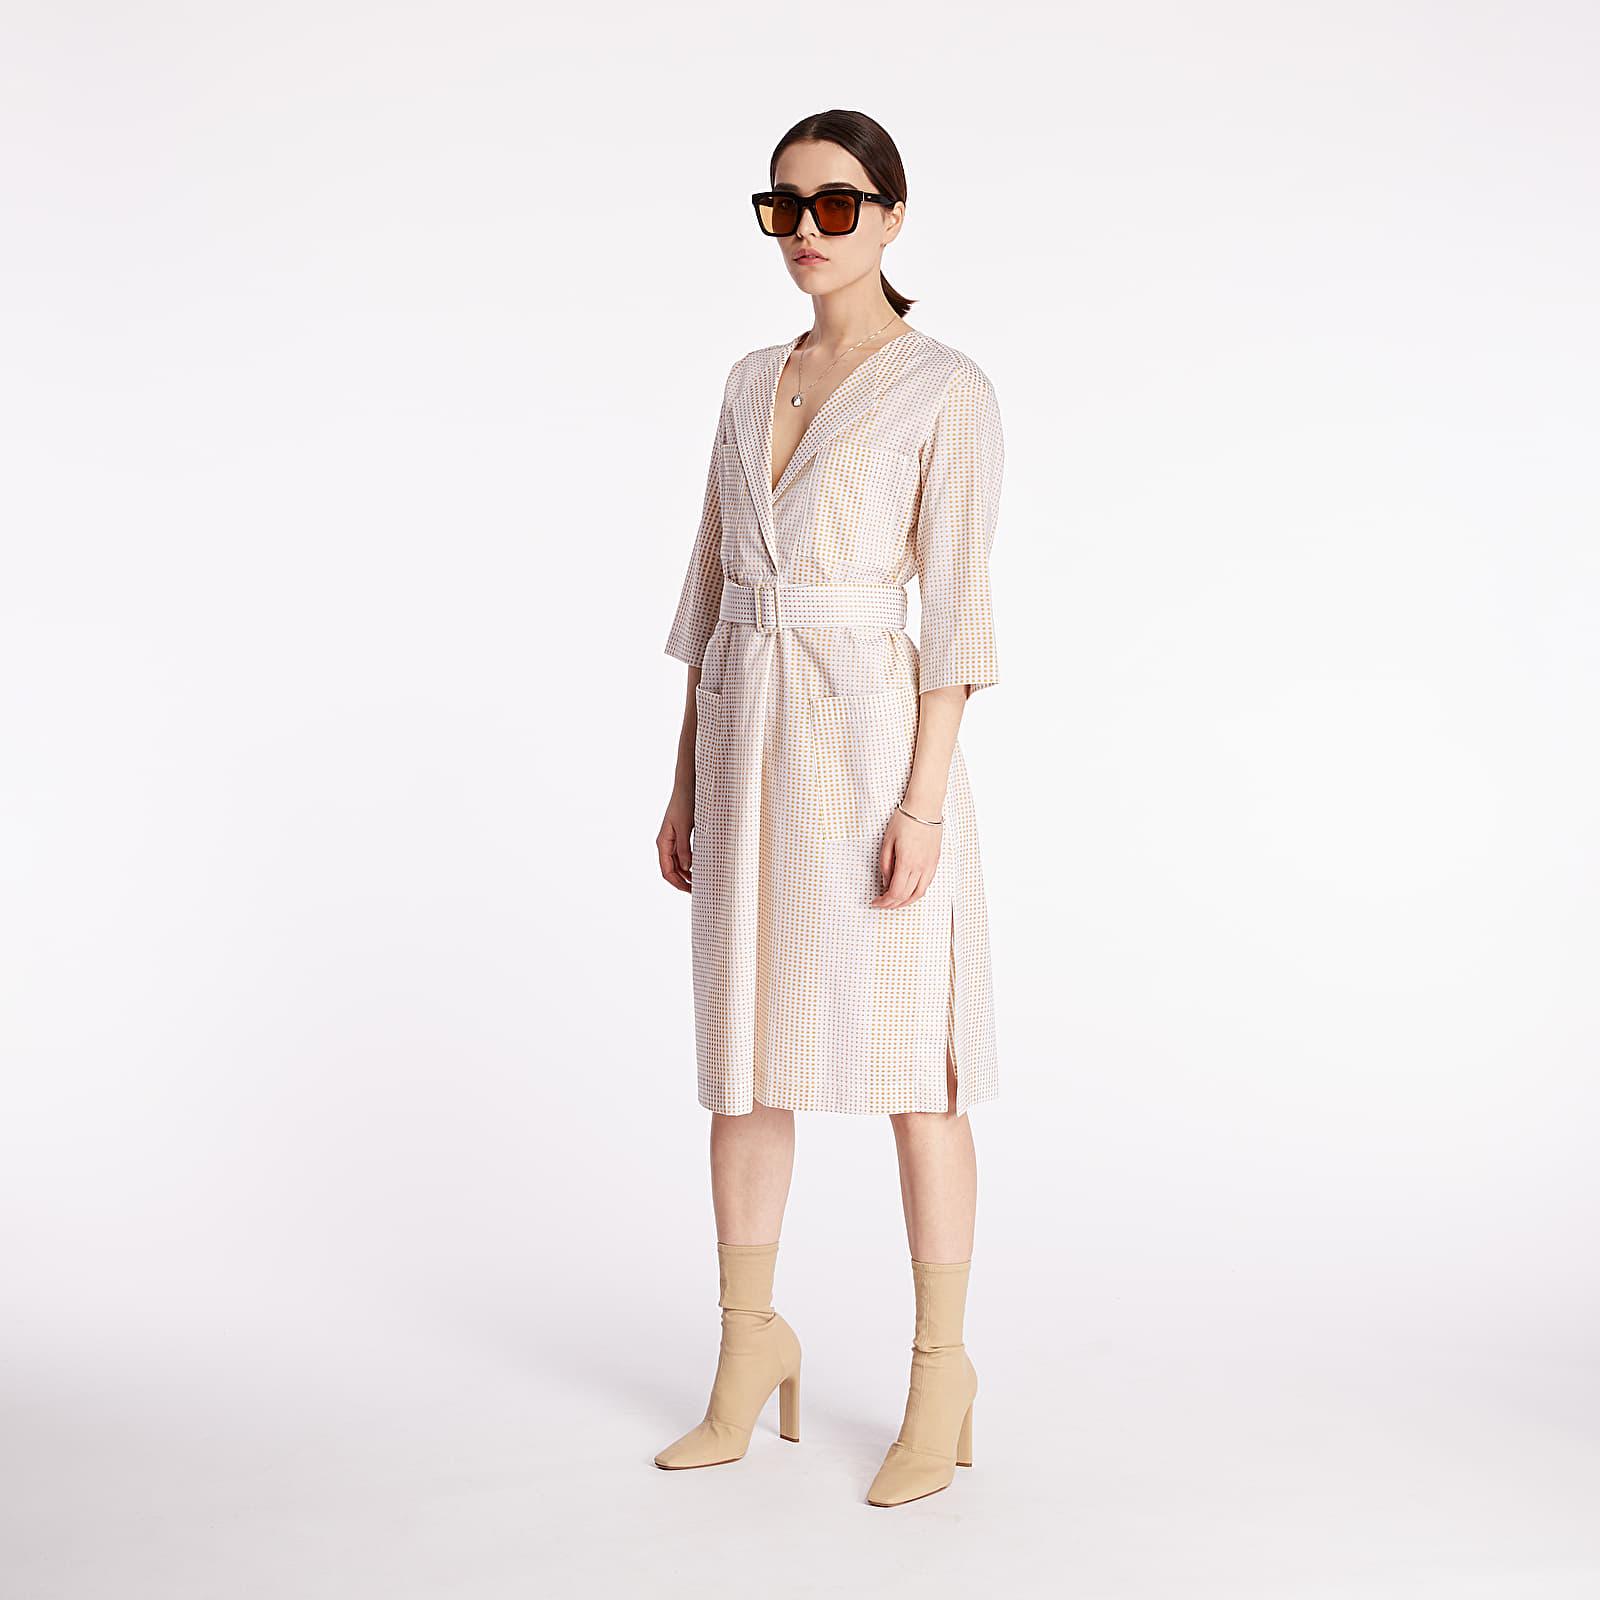 Dress Pietro Filipi Lady's Caftan Dress Beige